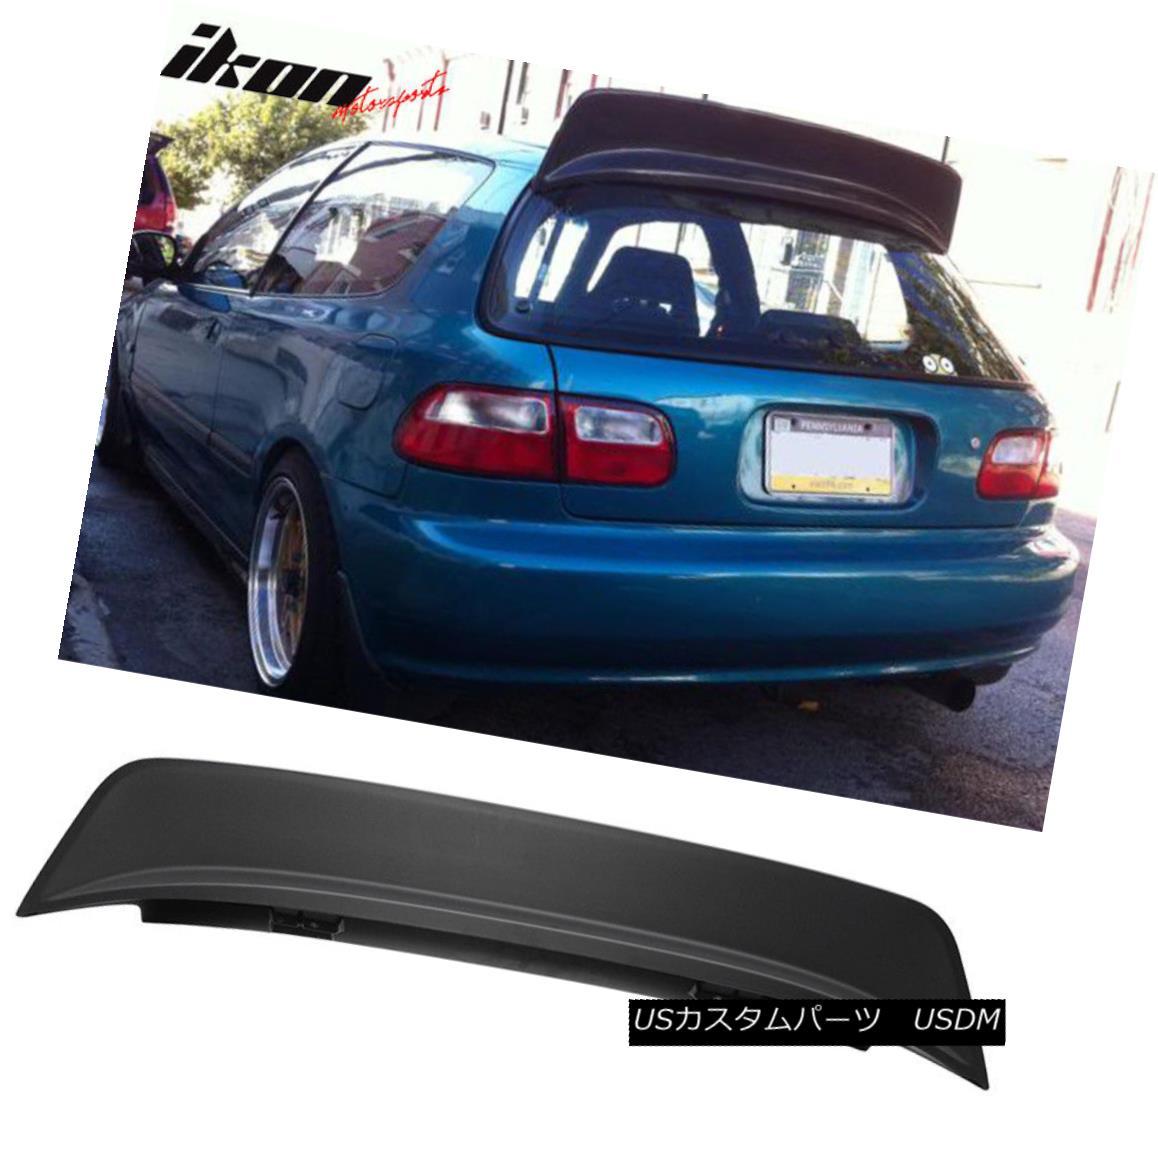 エアロパーツ 92-95 Honda Civic EG 3Dr Hatchback ABS Black JDM BYS Style Roof Spoiler 92-95ホンダシビックEG 3DrハッチバックABSブラックJDM BYSスタイルルーフスポイラー